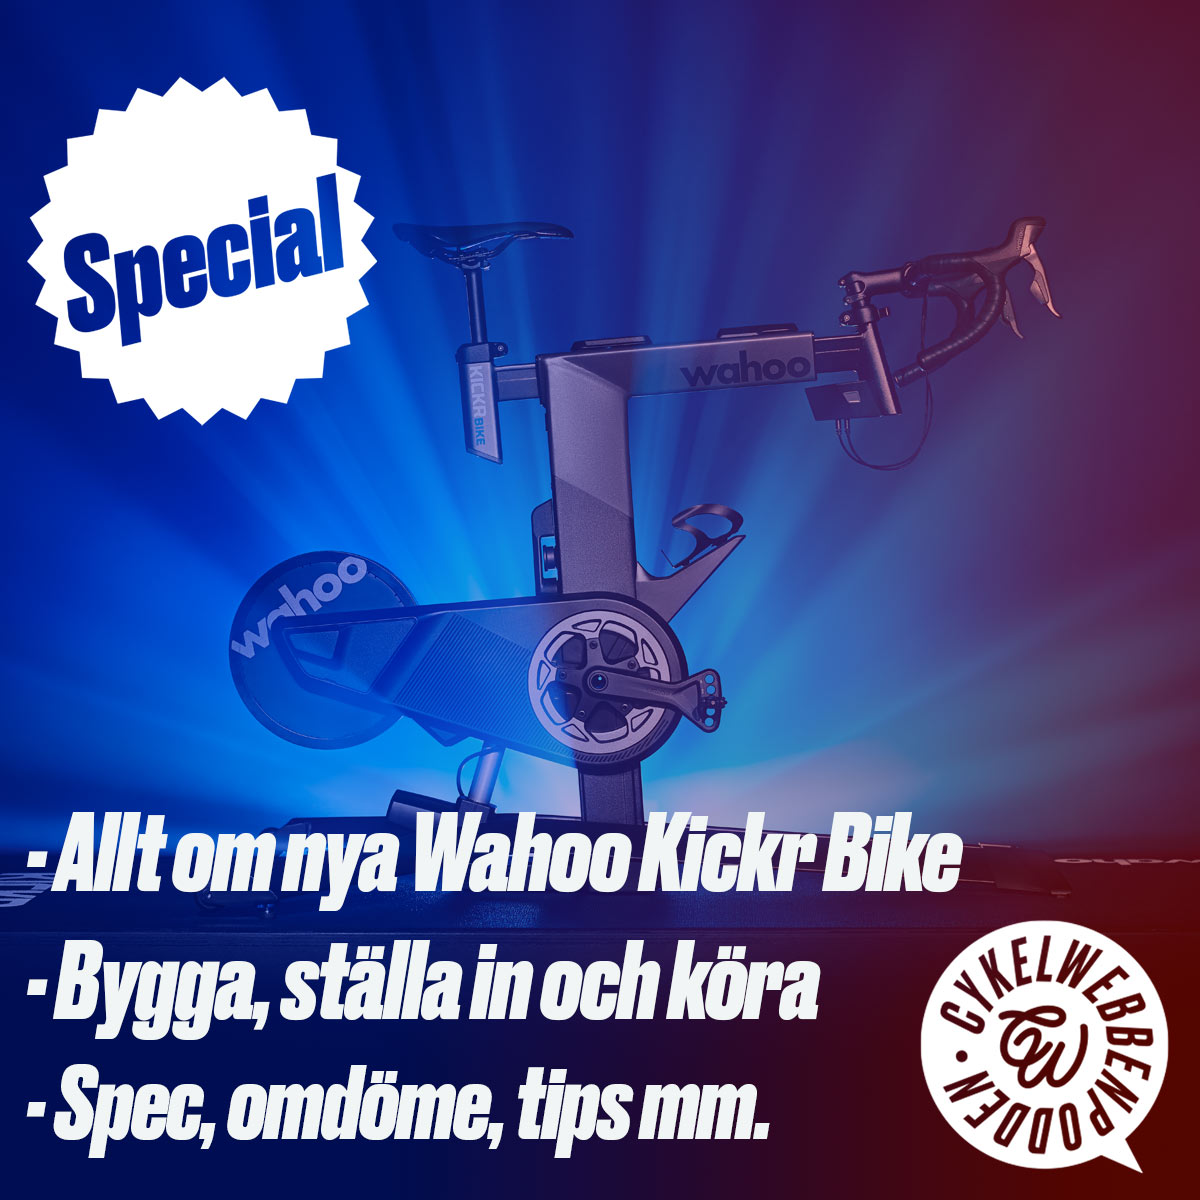 Allt om nya Wahoo Kickr Bike